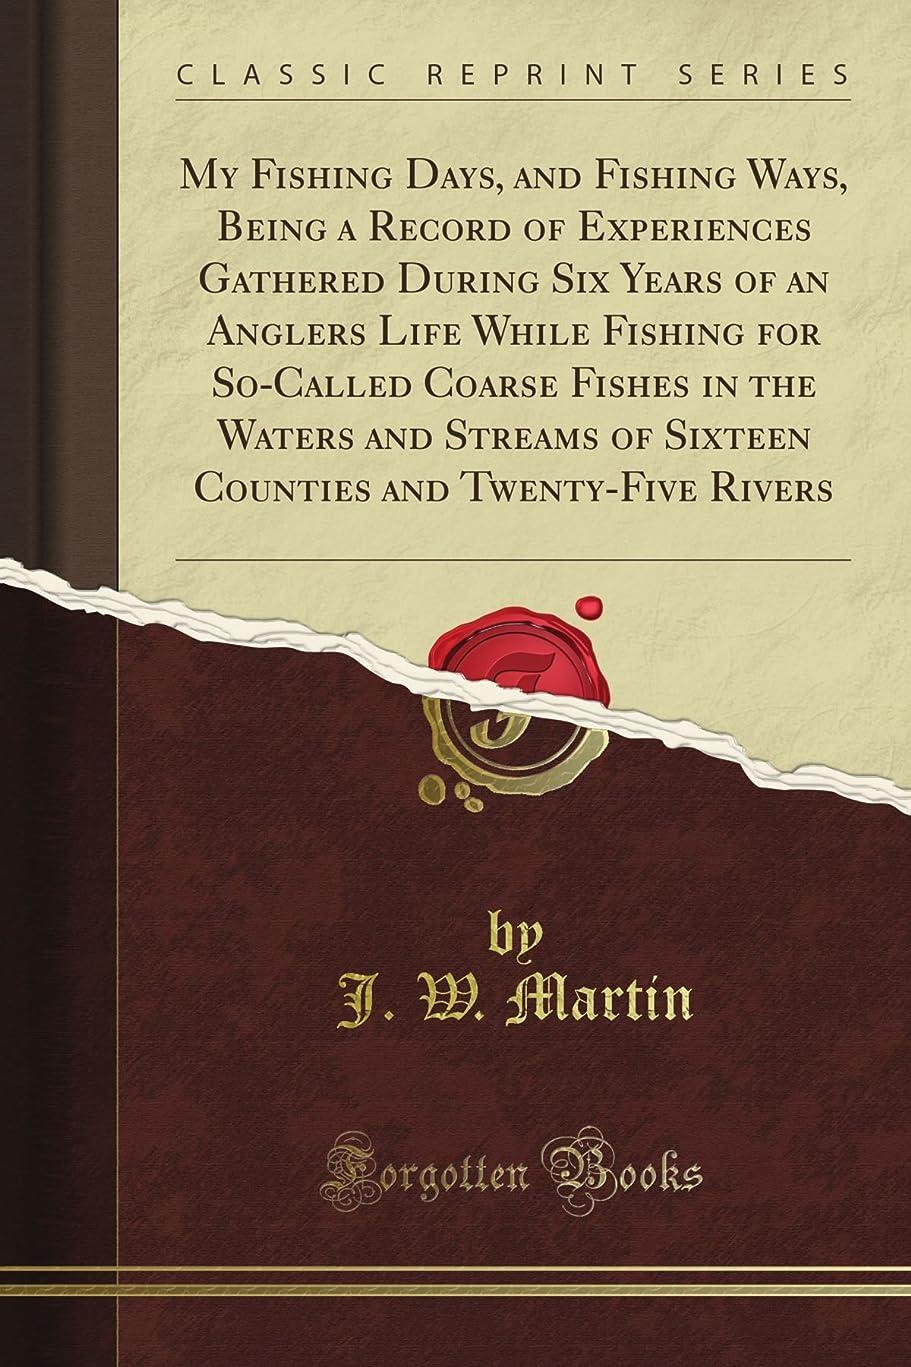 うねるフラフープしつけMy Fishing Days, and Fishing Ways, Being a Record of Experiences Gathered During Six Years of an Angler's Life While Fishing for So-Called Coarse Fishes in the Waters and Streams of Sixteen Counties and Twenty-Five Rivers (Classic Reprint)